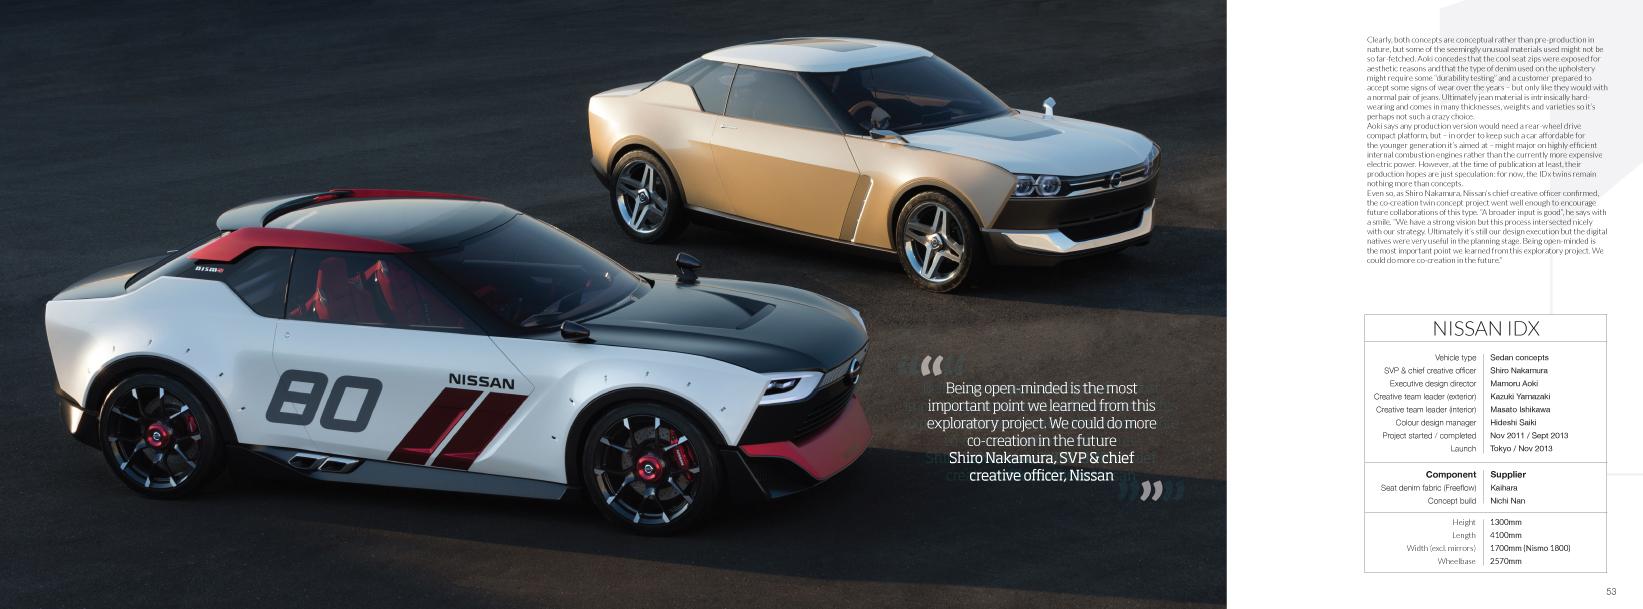 Neues Design-Jahrbuch ehrt die schönsten Auto-Neuheiten | Autogefühl